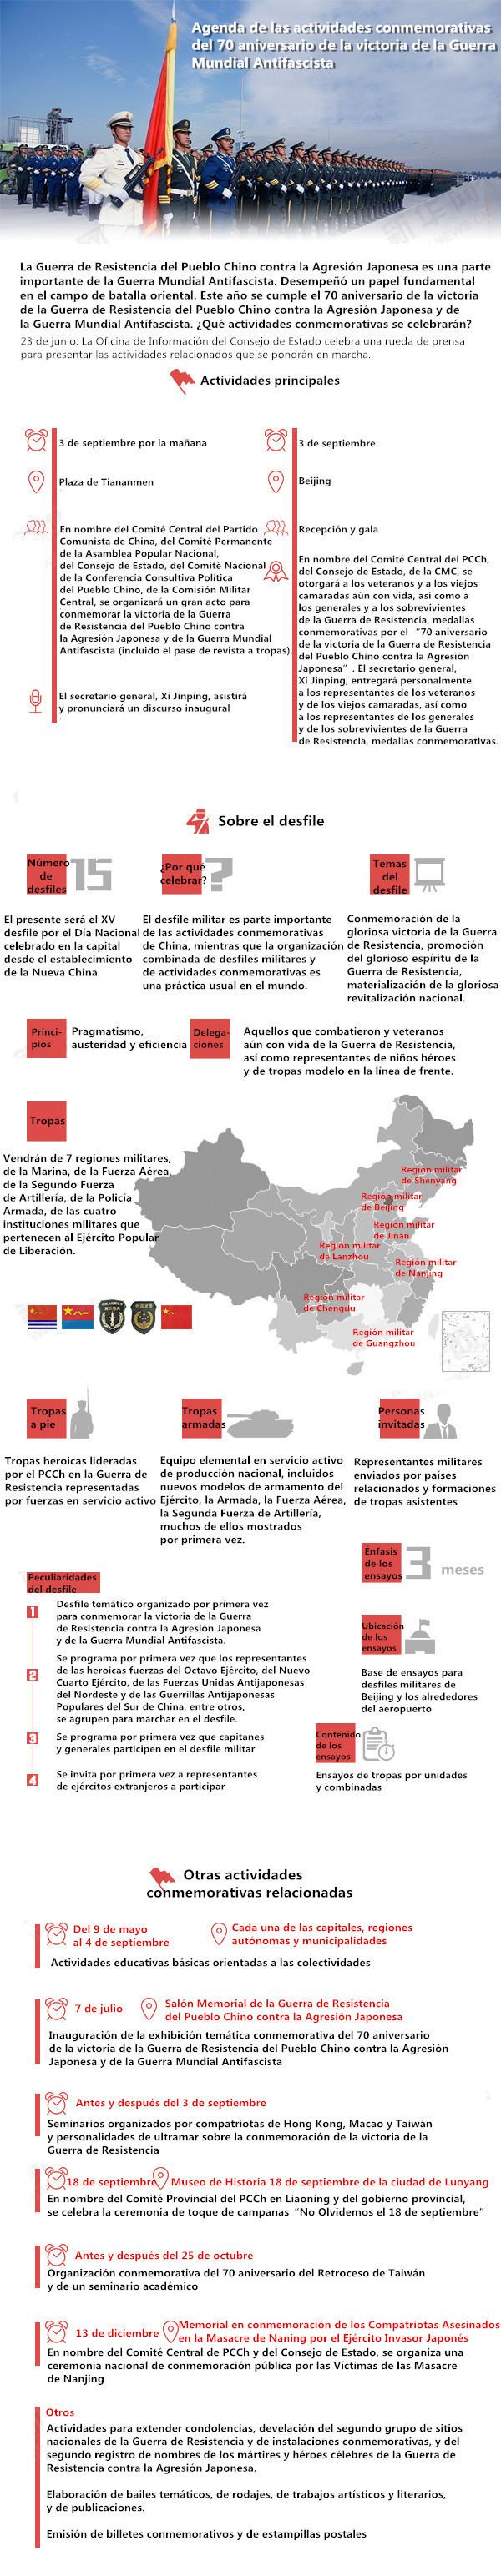 Agenda de las actividades conmemorativas del 70 aniversario de la victoria de la Guerra Mundial Antifascista